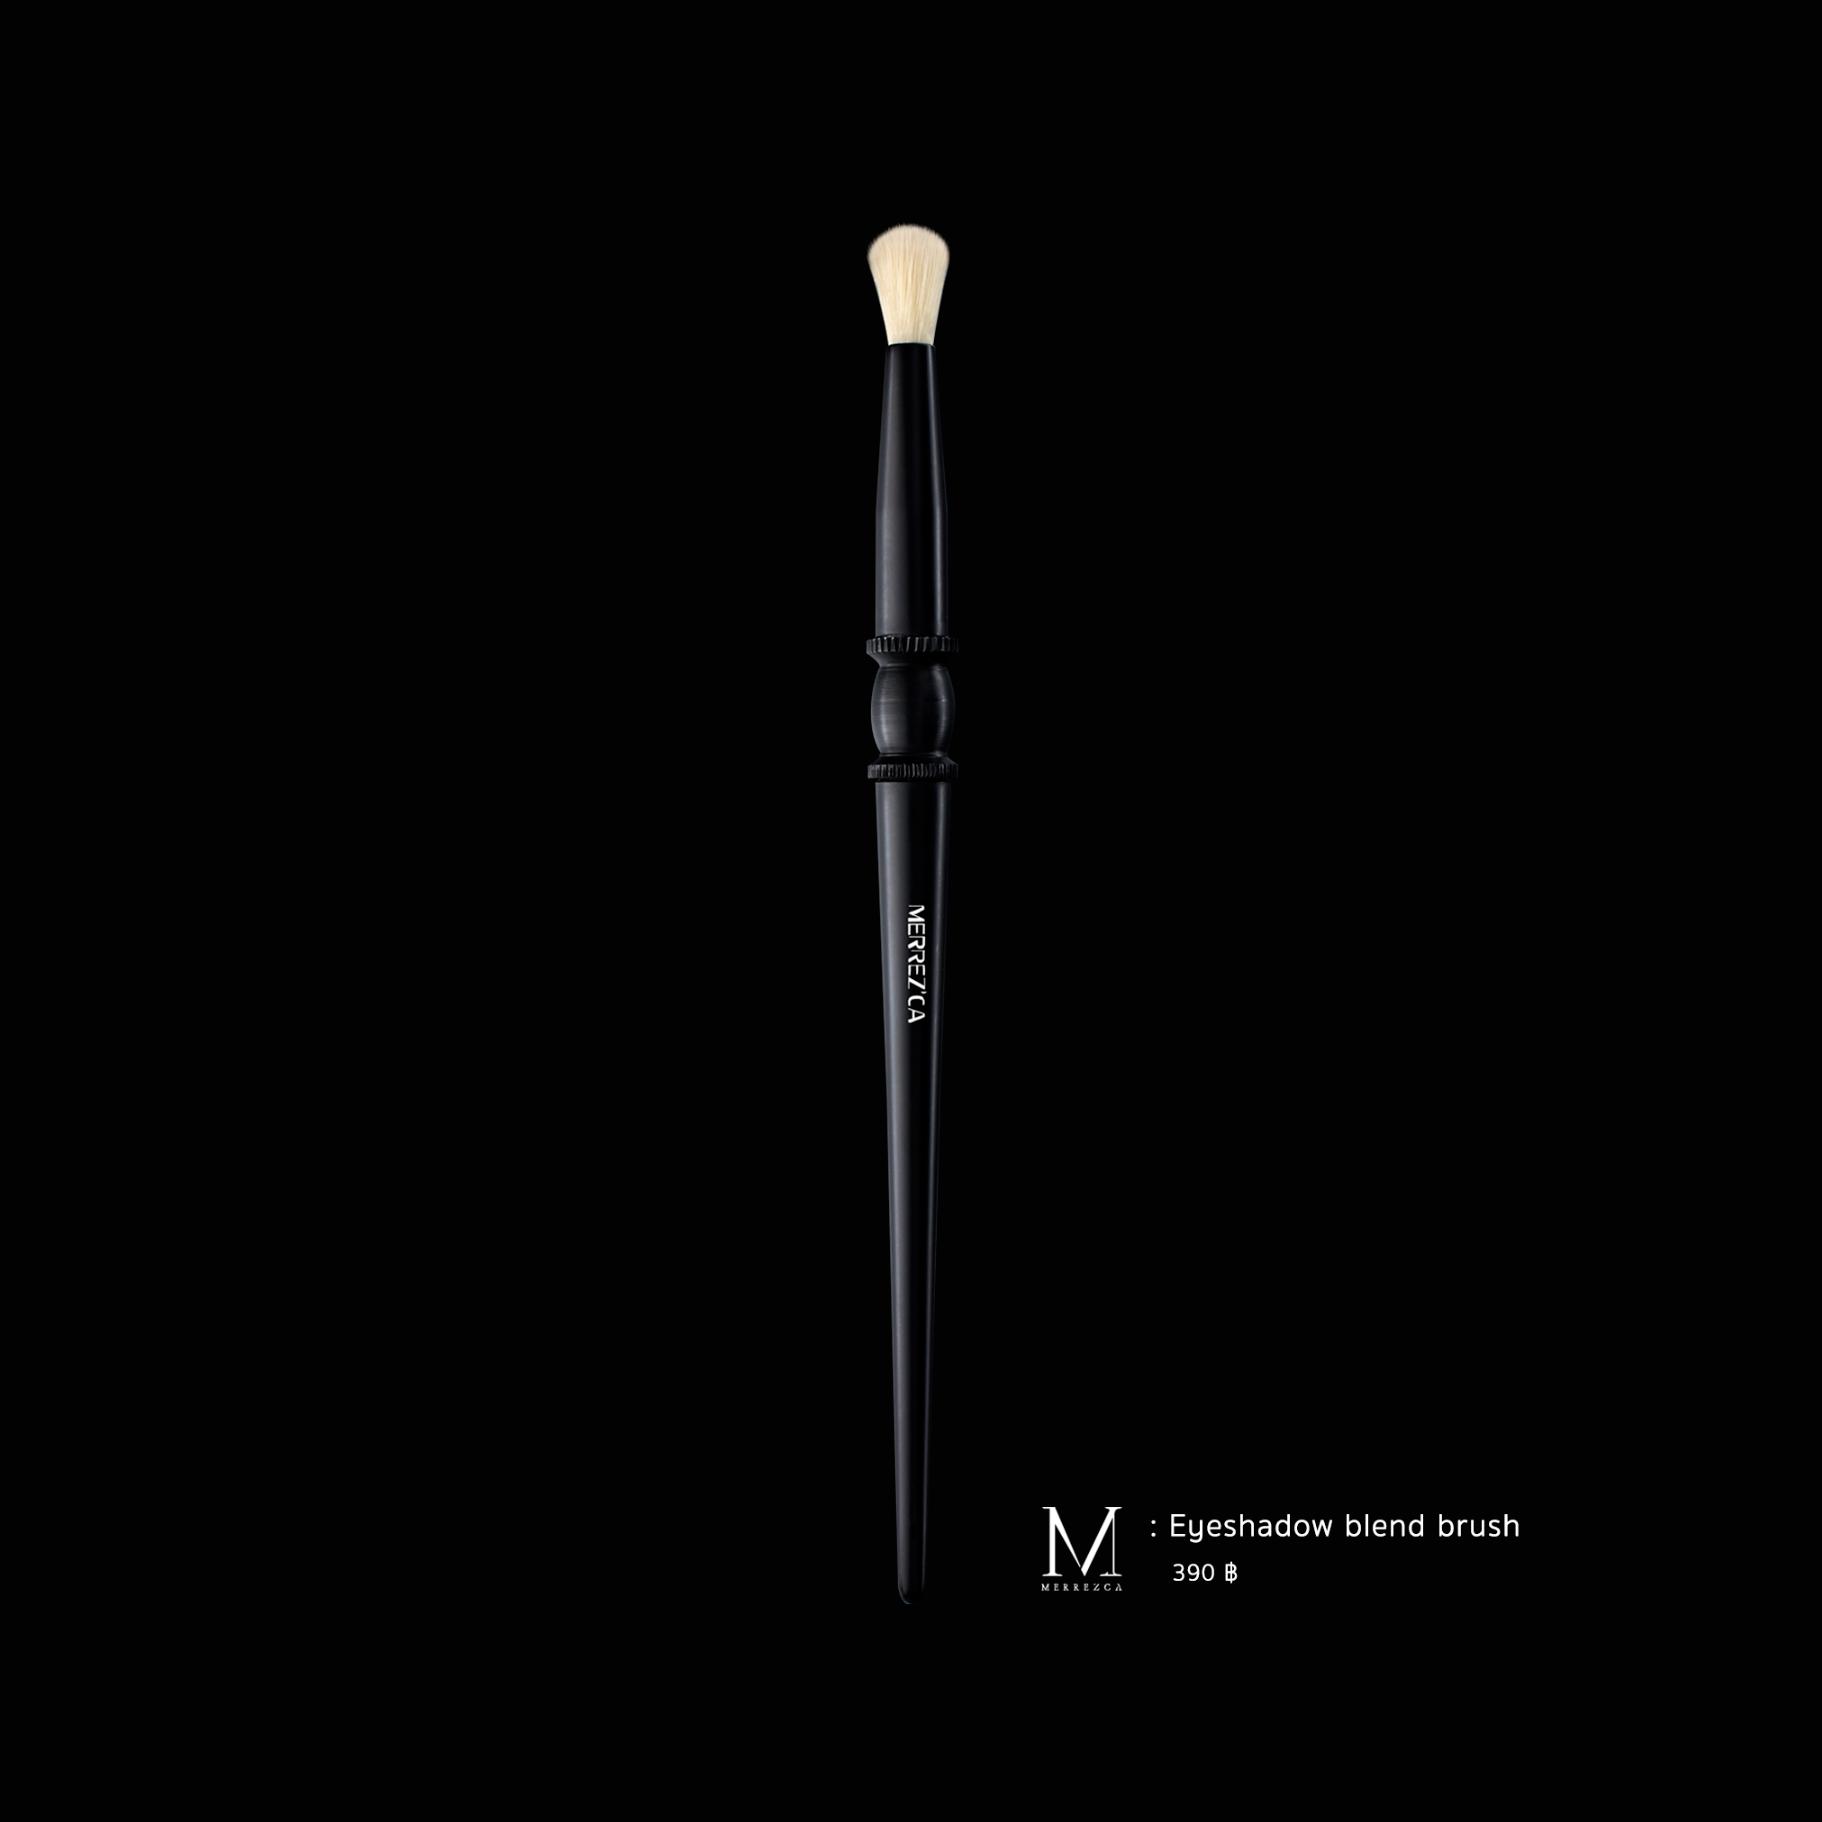 Merrez'ca Eyeshadow blend brush